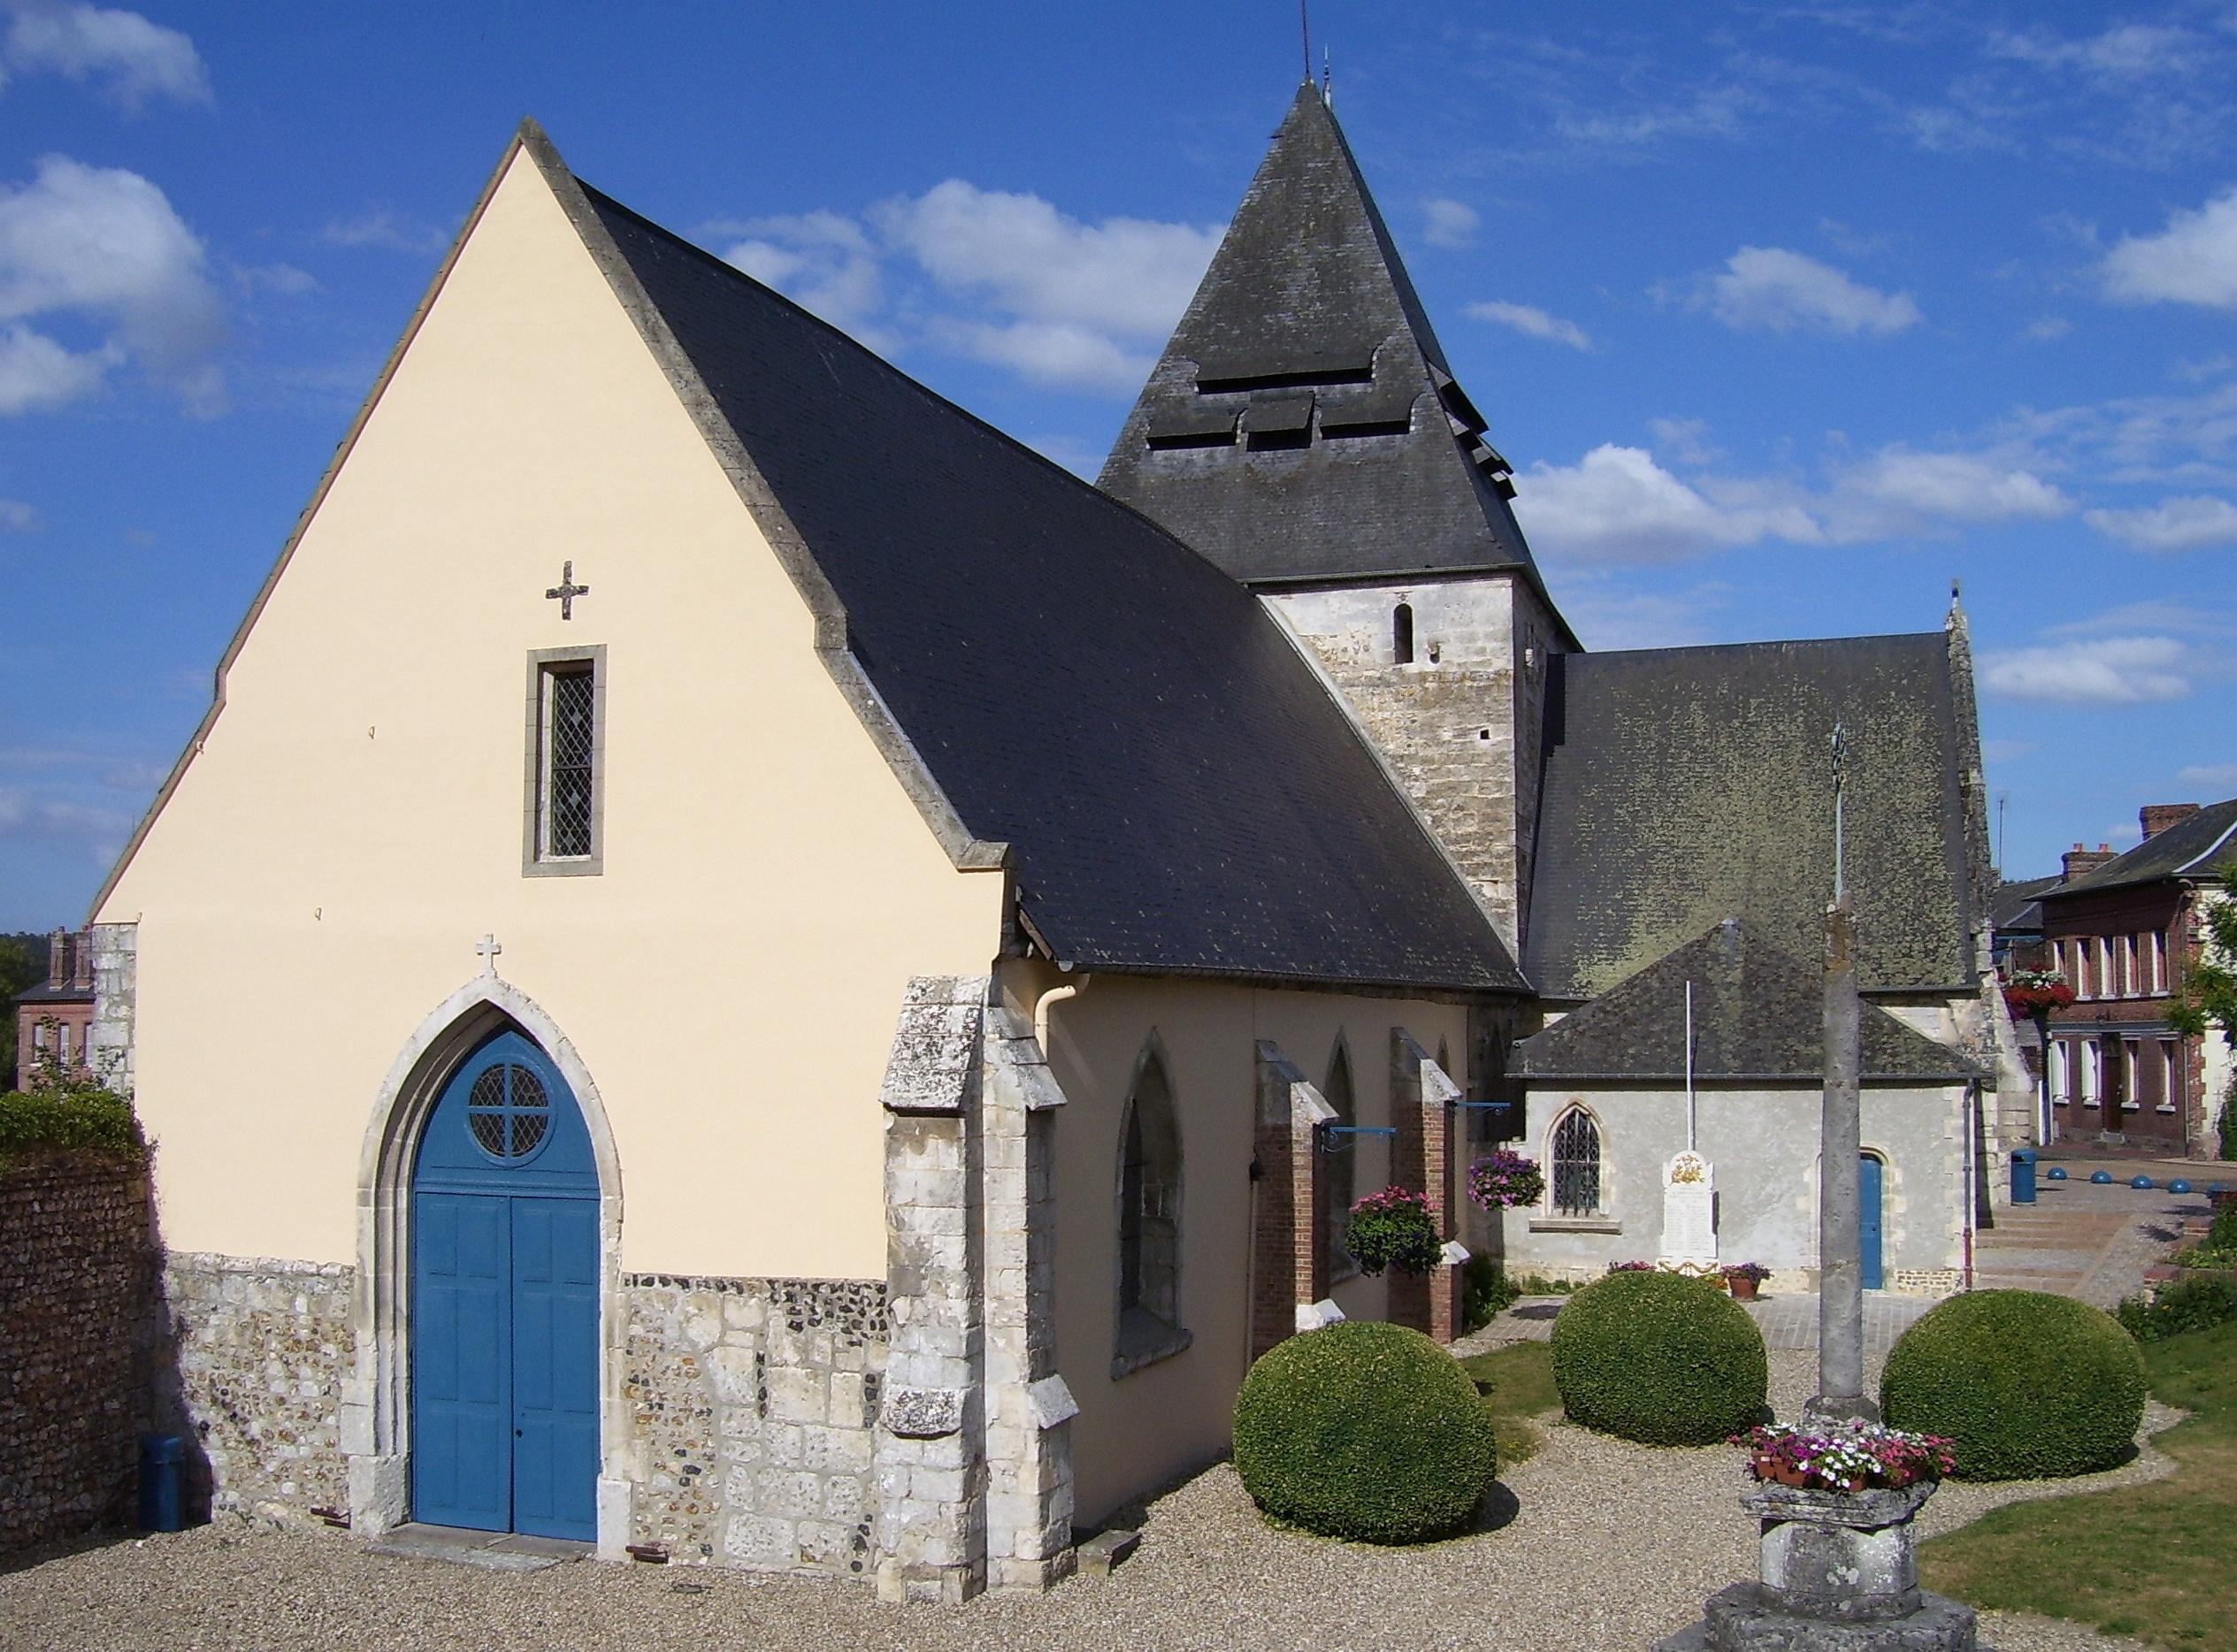 église saint-ouen saint-philbert-sur-risle